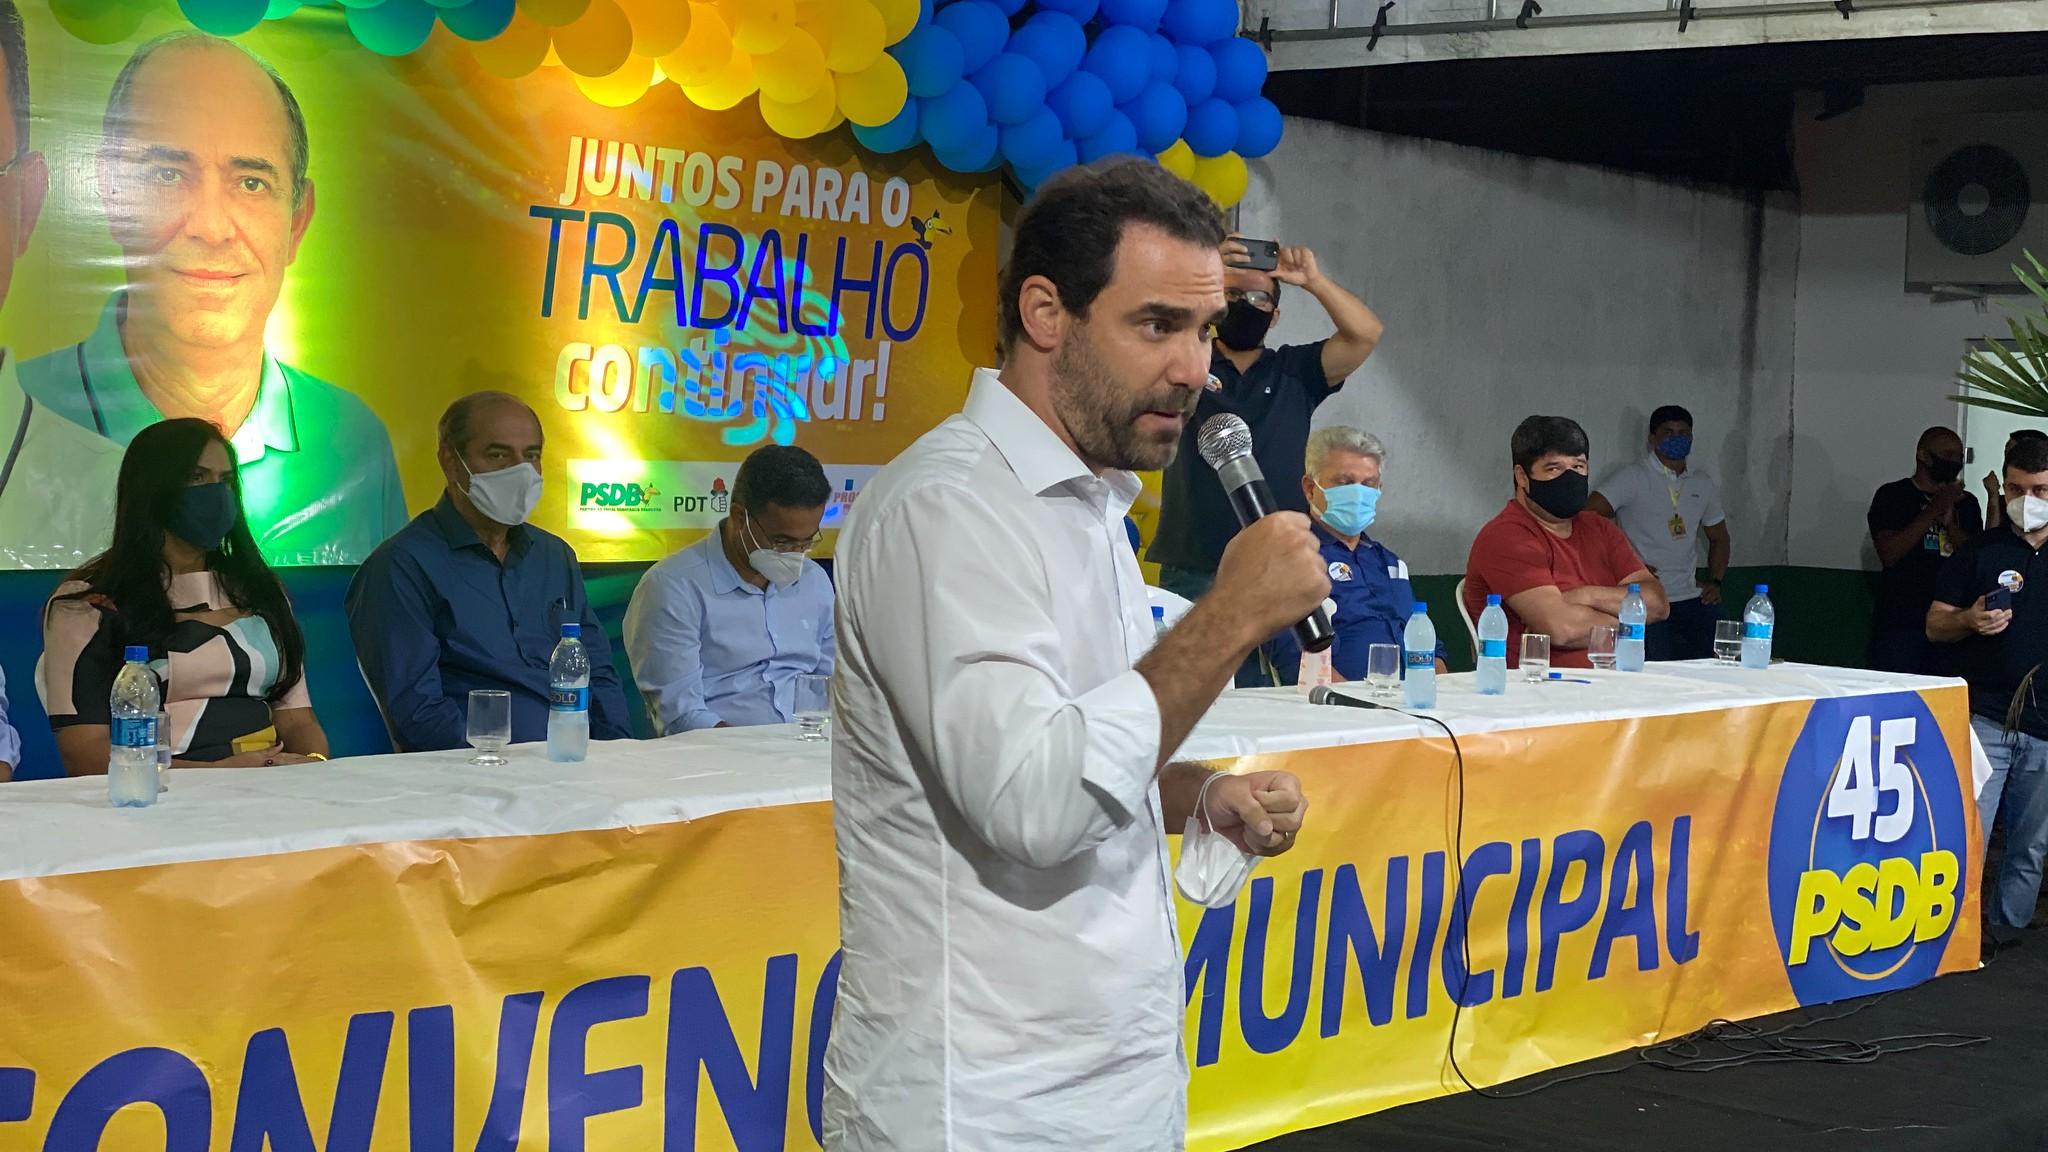 Convenção do grupo de Doutor Marcelo em Itamaraju